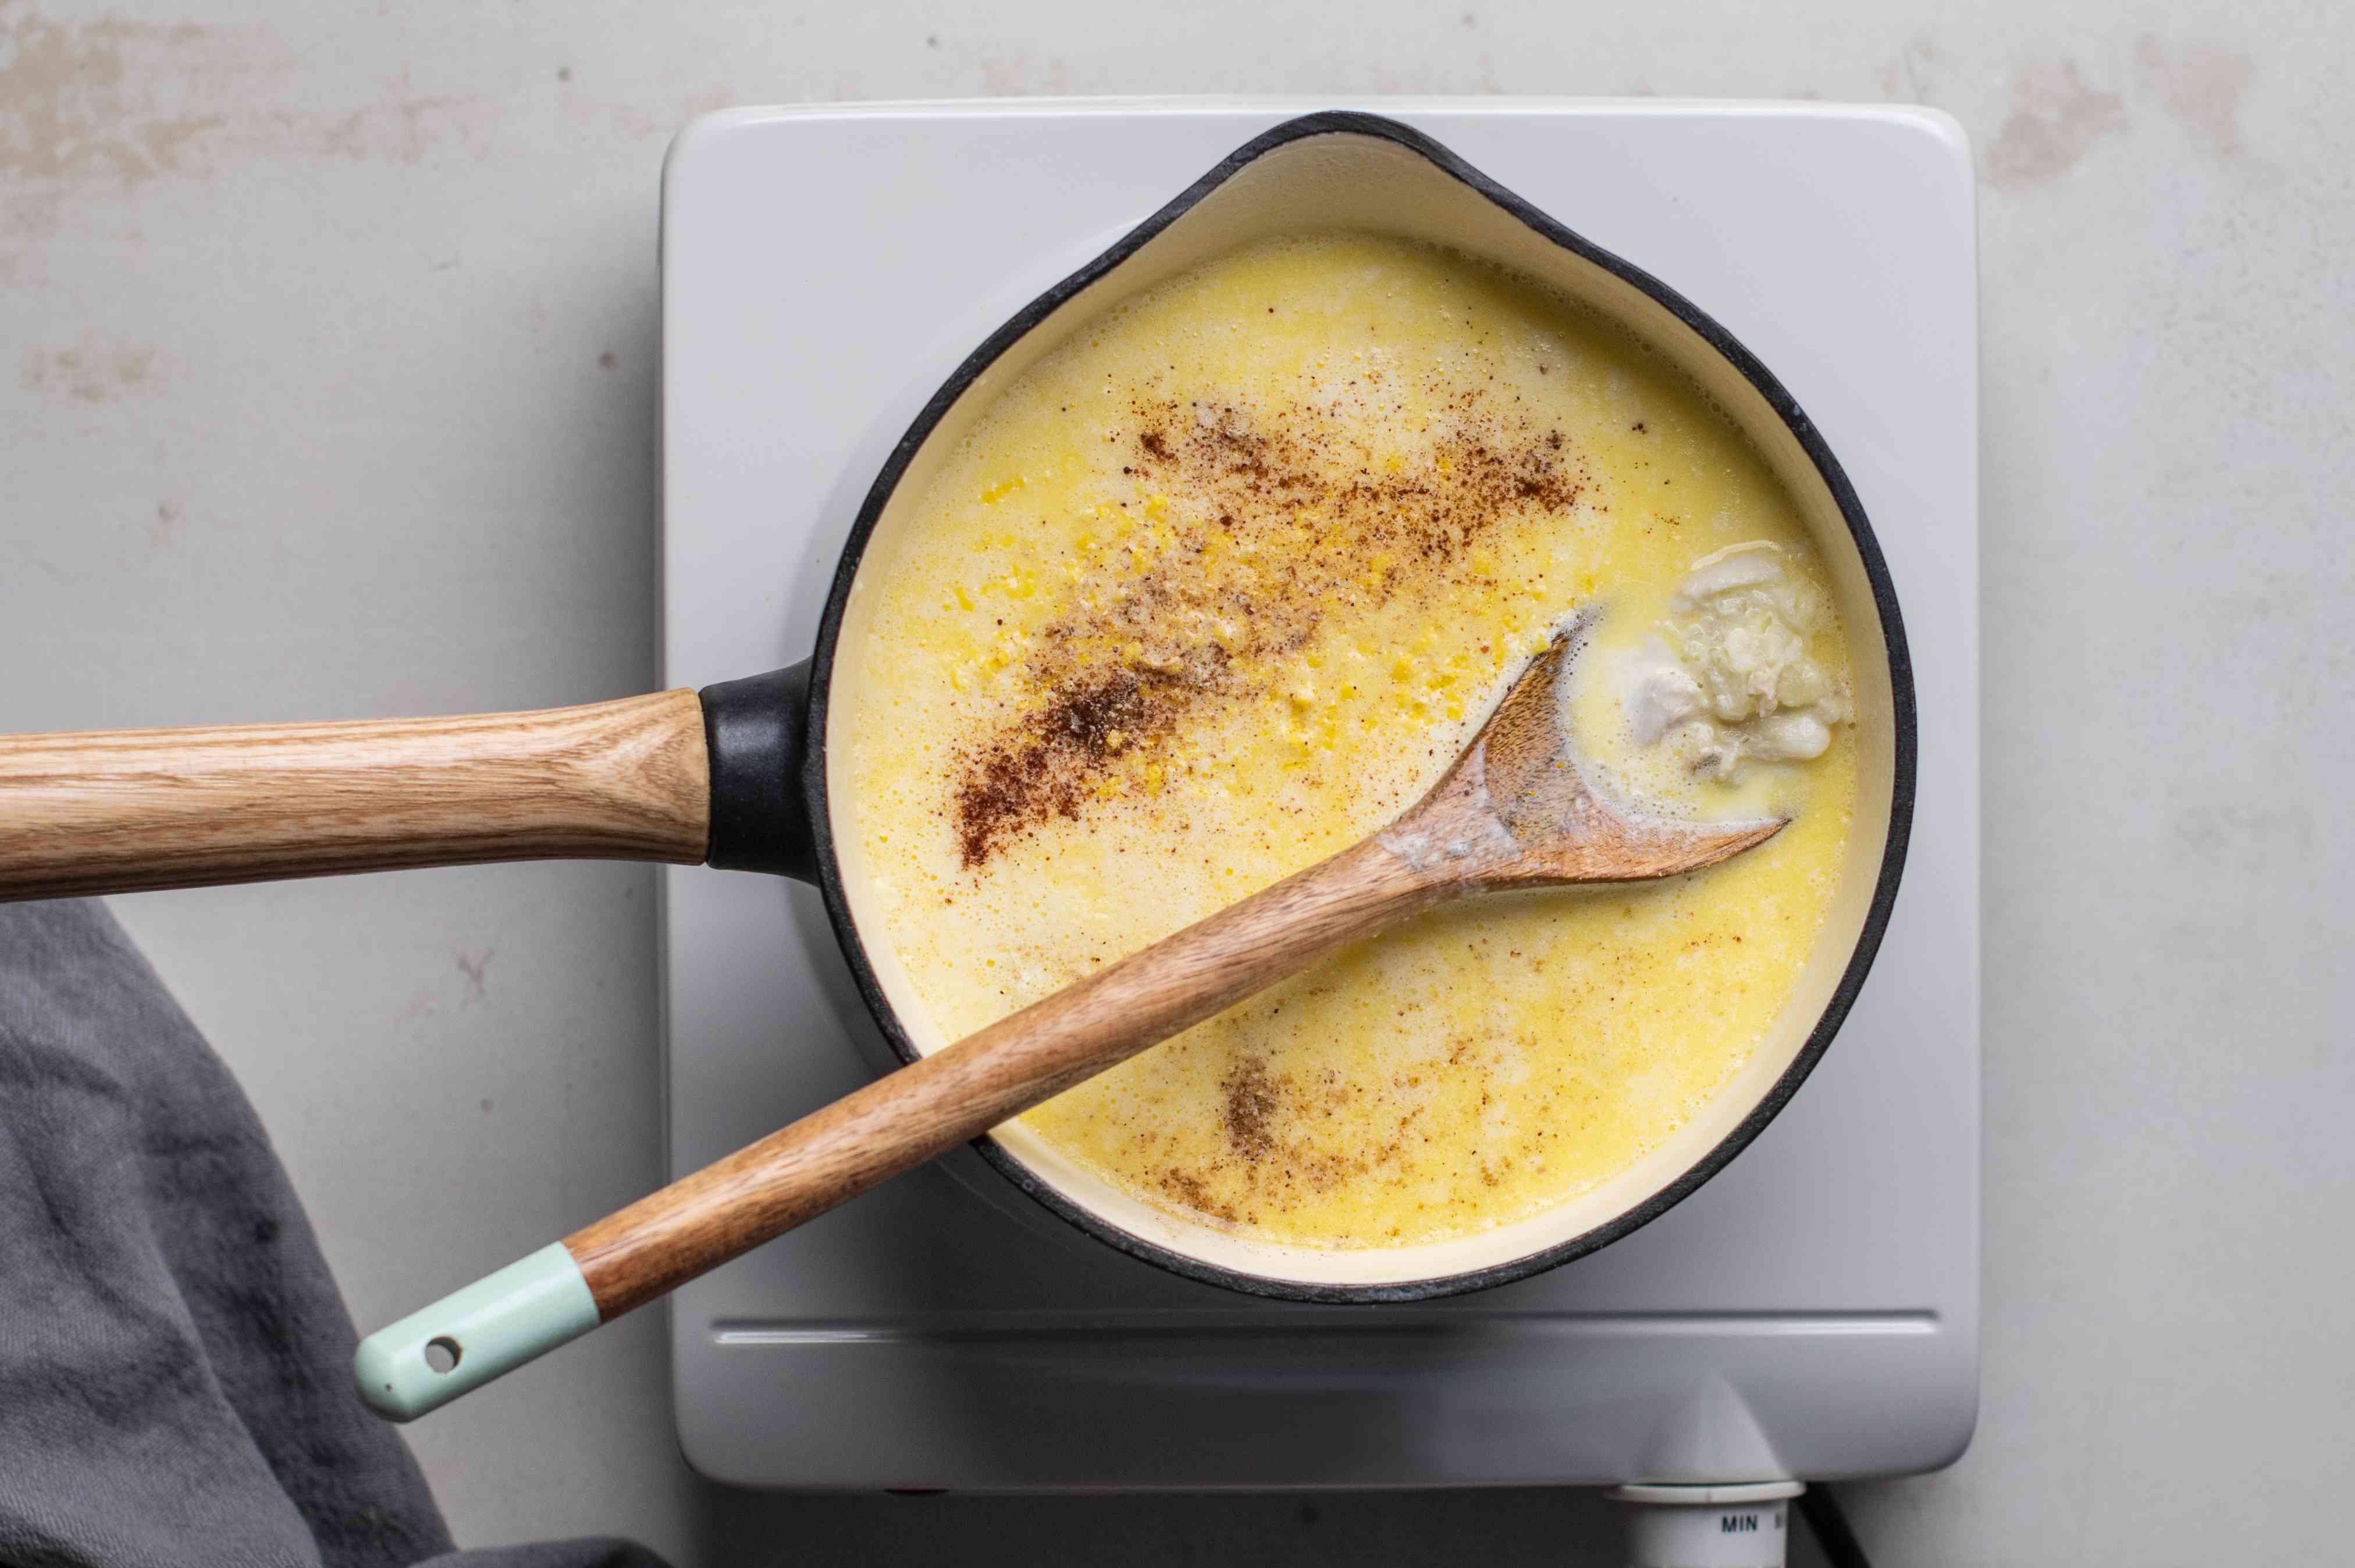 Gently stir in crabmeat